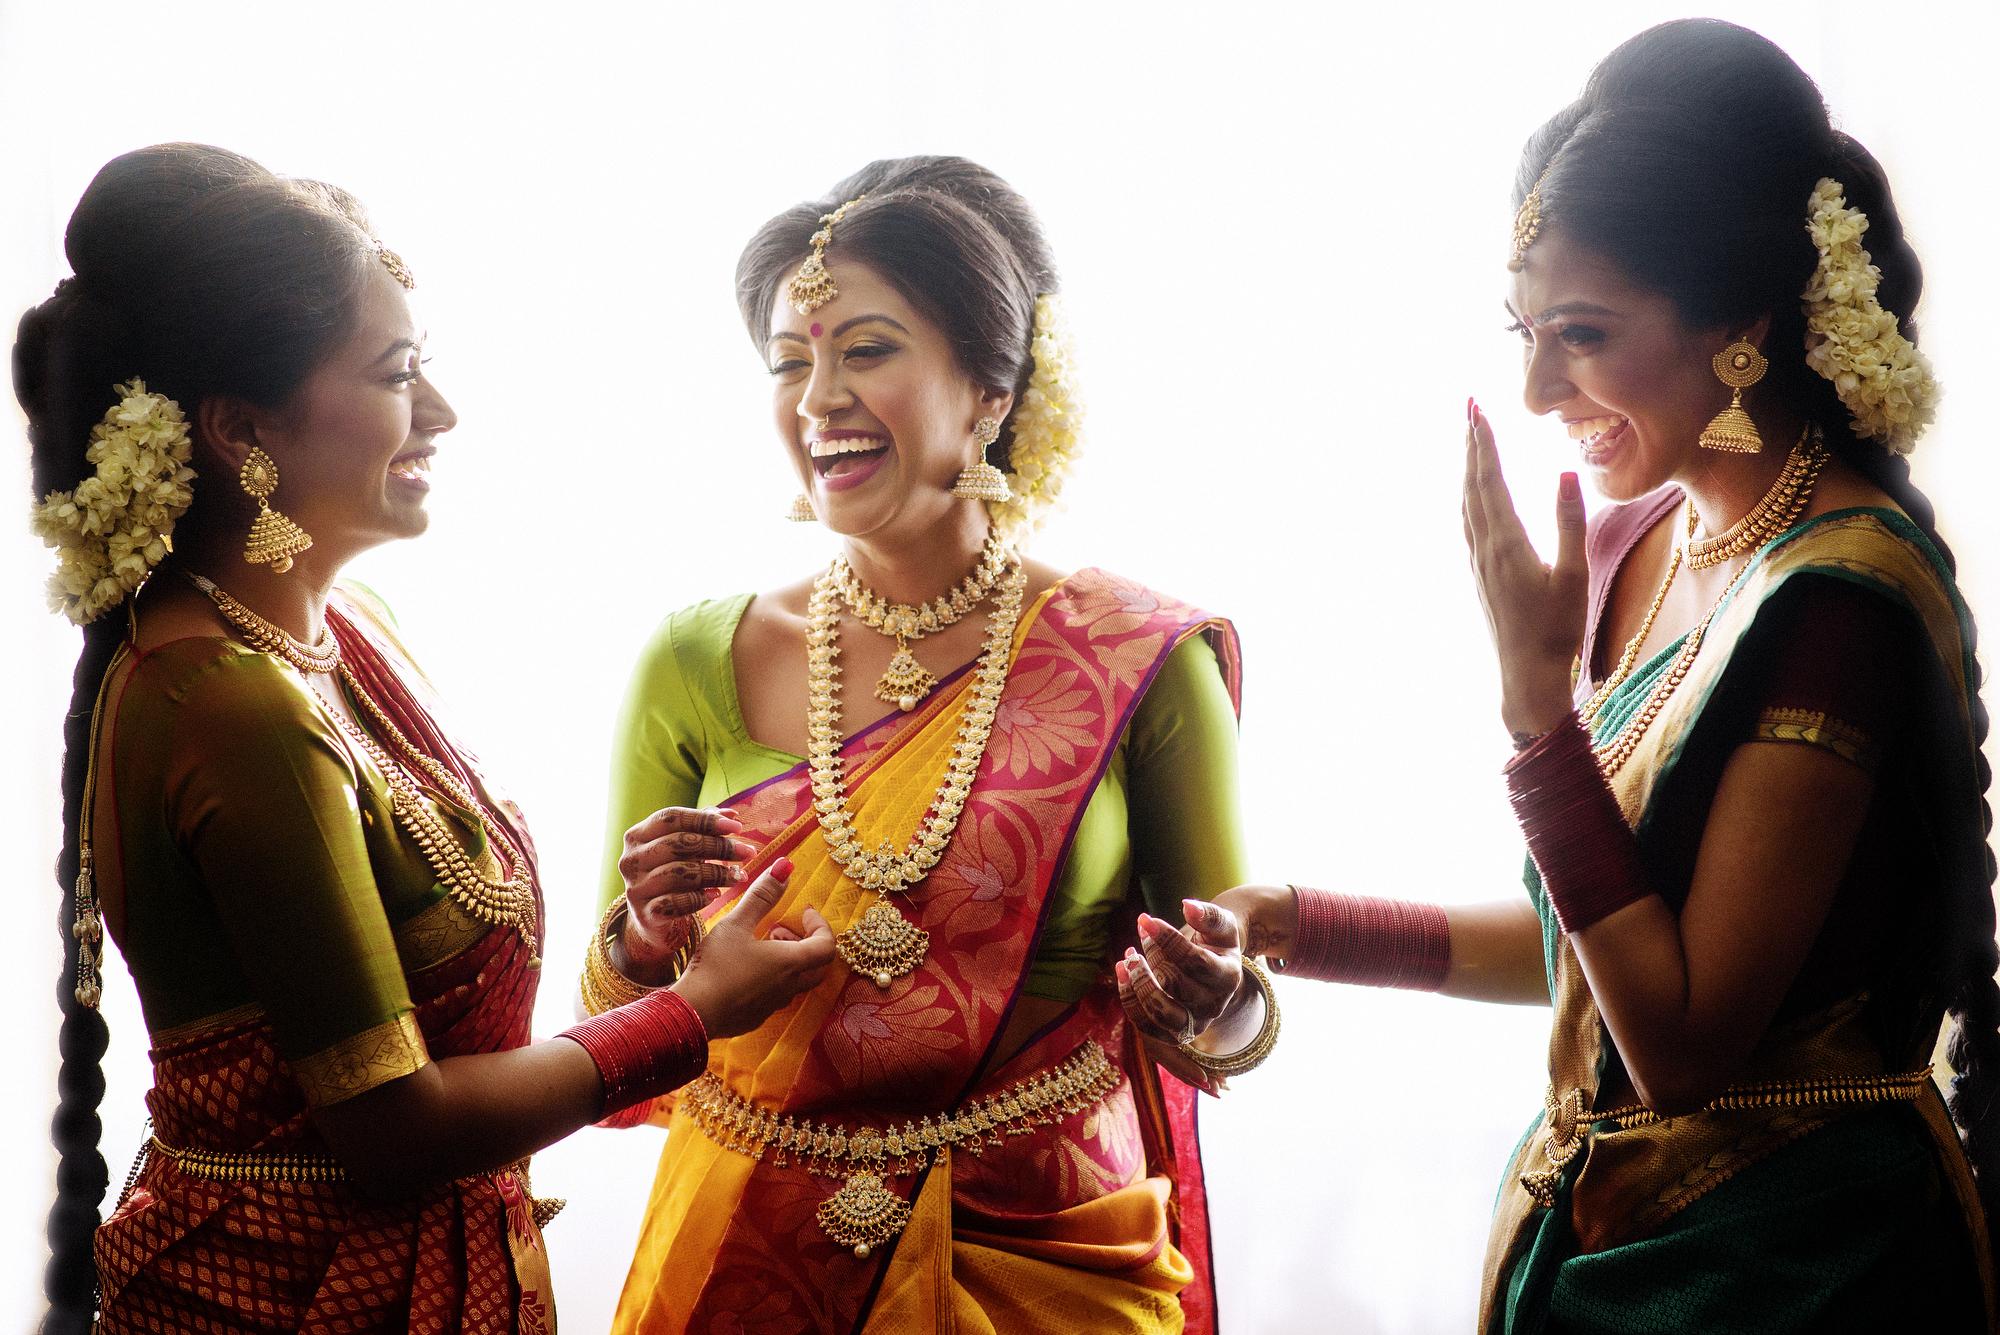 Divisha-Kethesan-Wedding-0054-1 copy.JPG